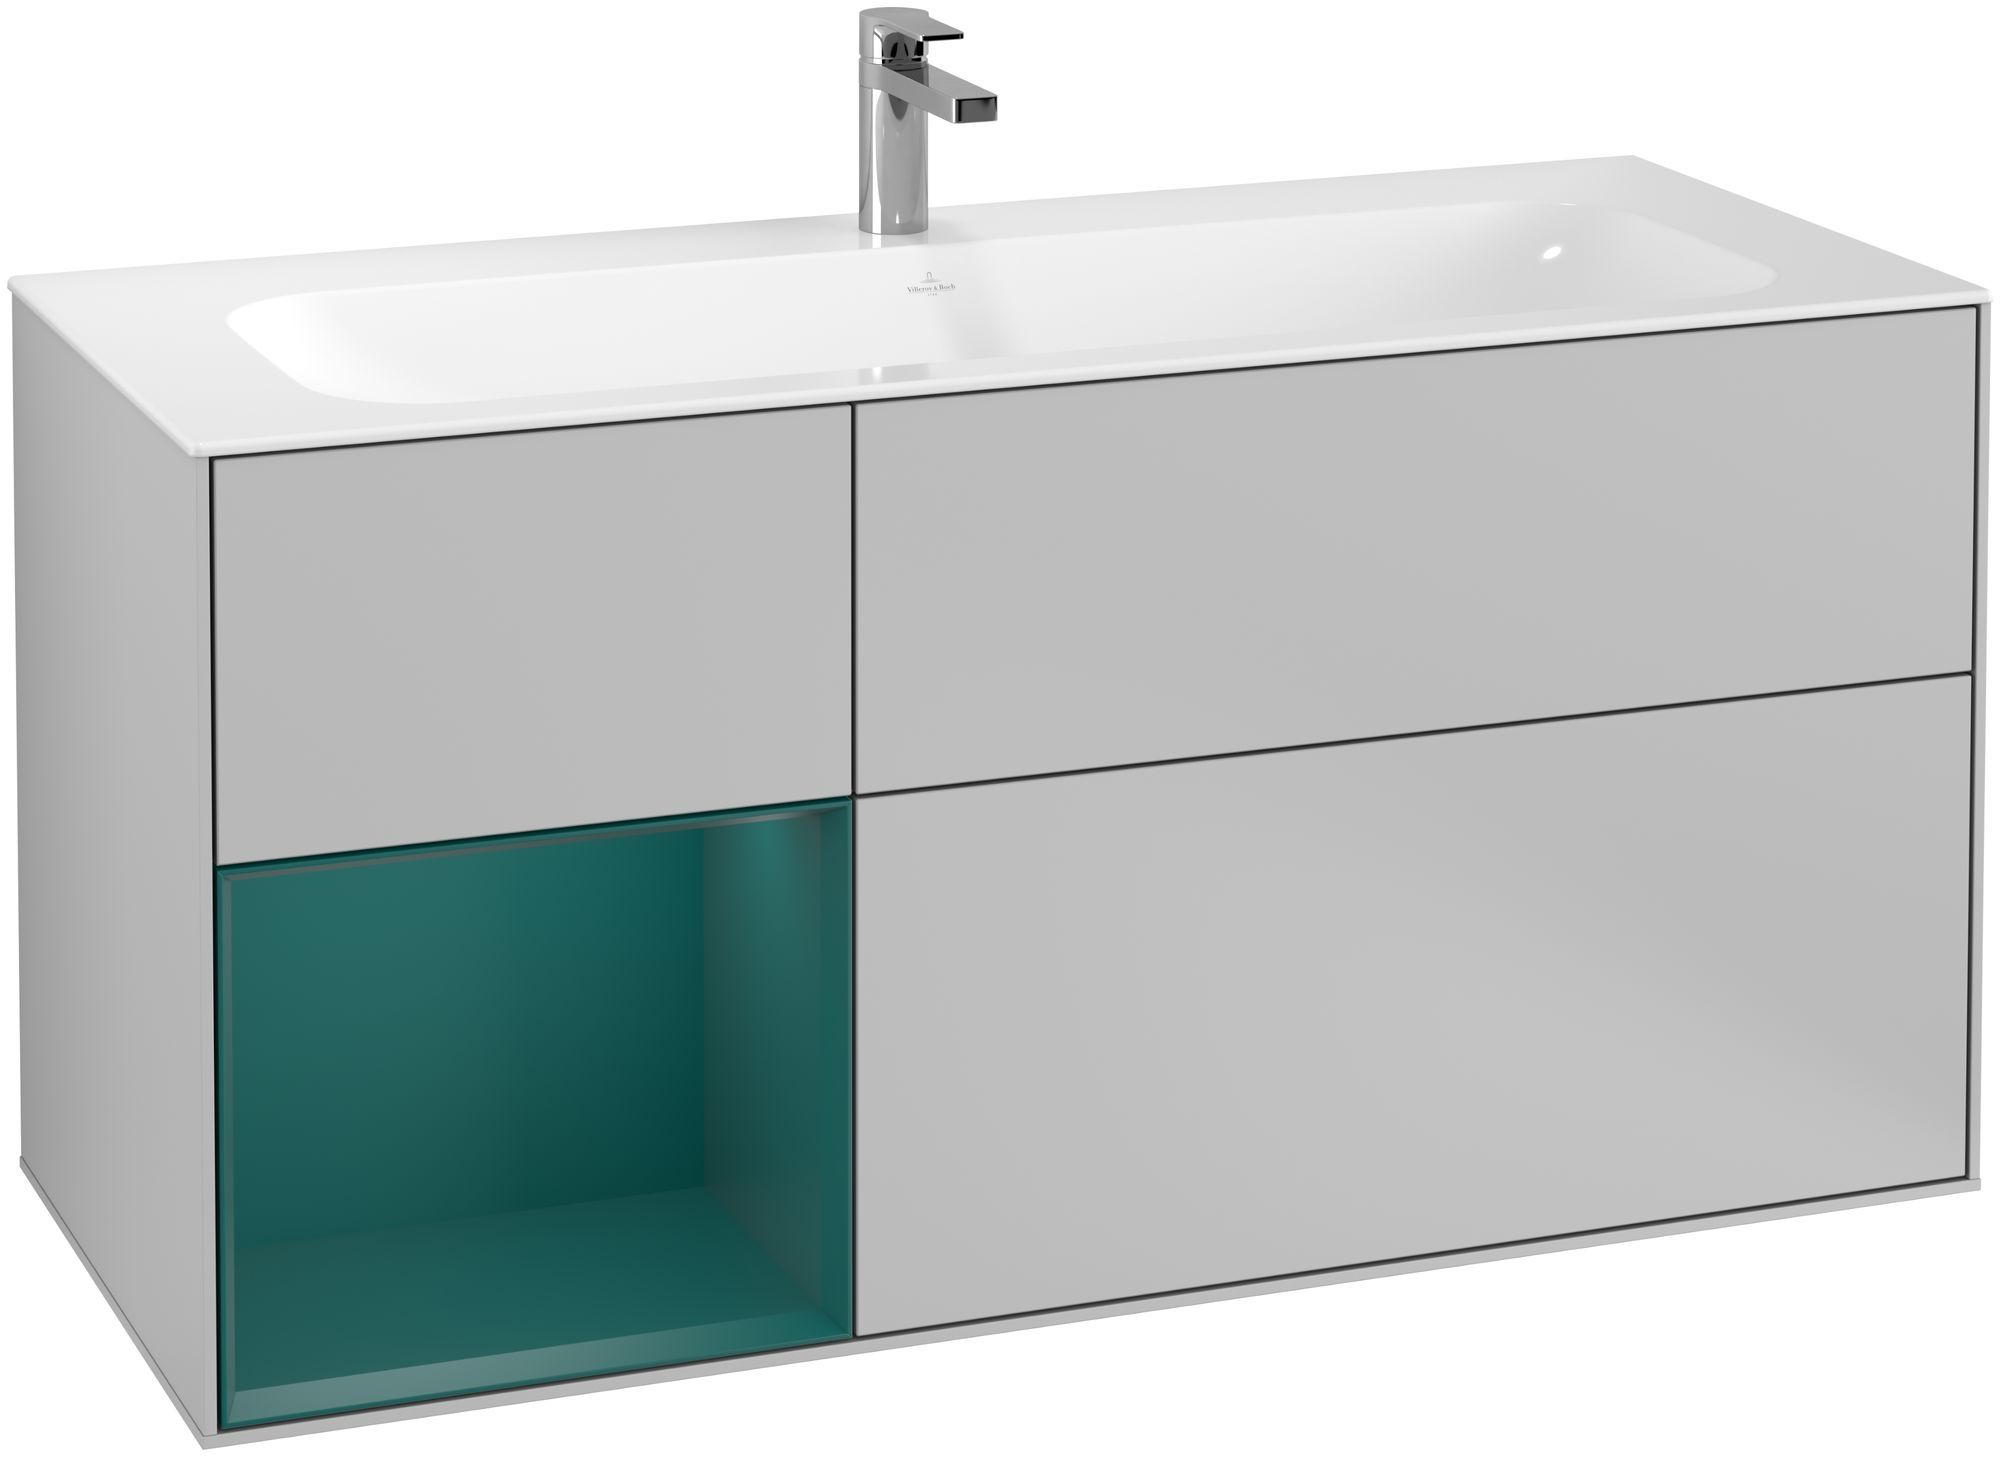 Villeroy & Boch Finion F06 Waschtischunterschrank mit Regalelement 3 Auszüge LED-Beleuchtung B:119,6xH:59,1xT:49,8cm Front, Korpus: Light Grey Matt, Regal: Cedar F060GSGJ